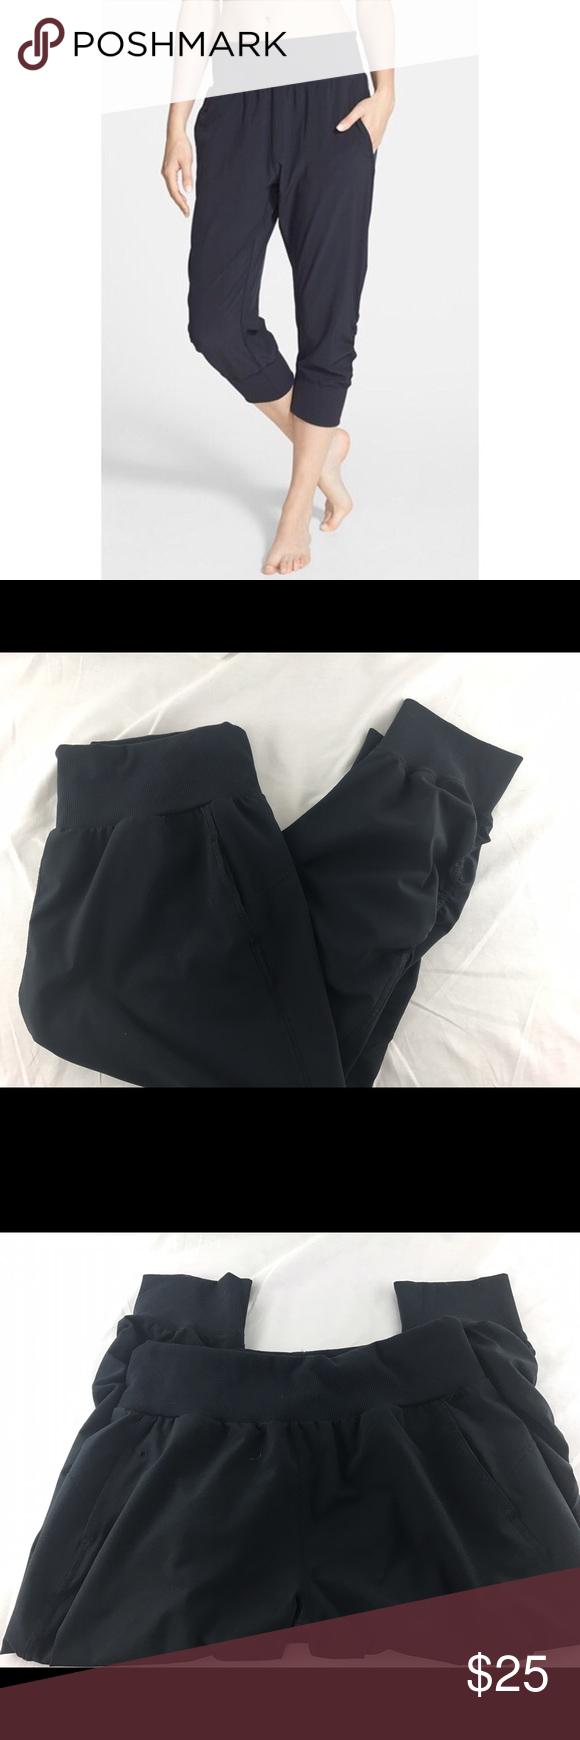 Zella Cropped Capri Joggers Size Medium In excellent preworn condition! Size medium. Black color. No wear! Sorry, no trades Zella Pants Track Pants & Joggers